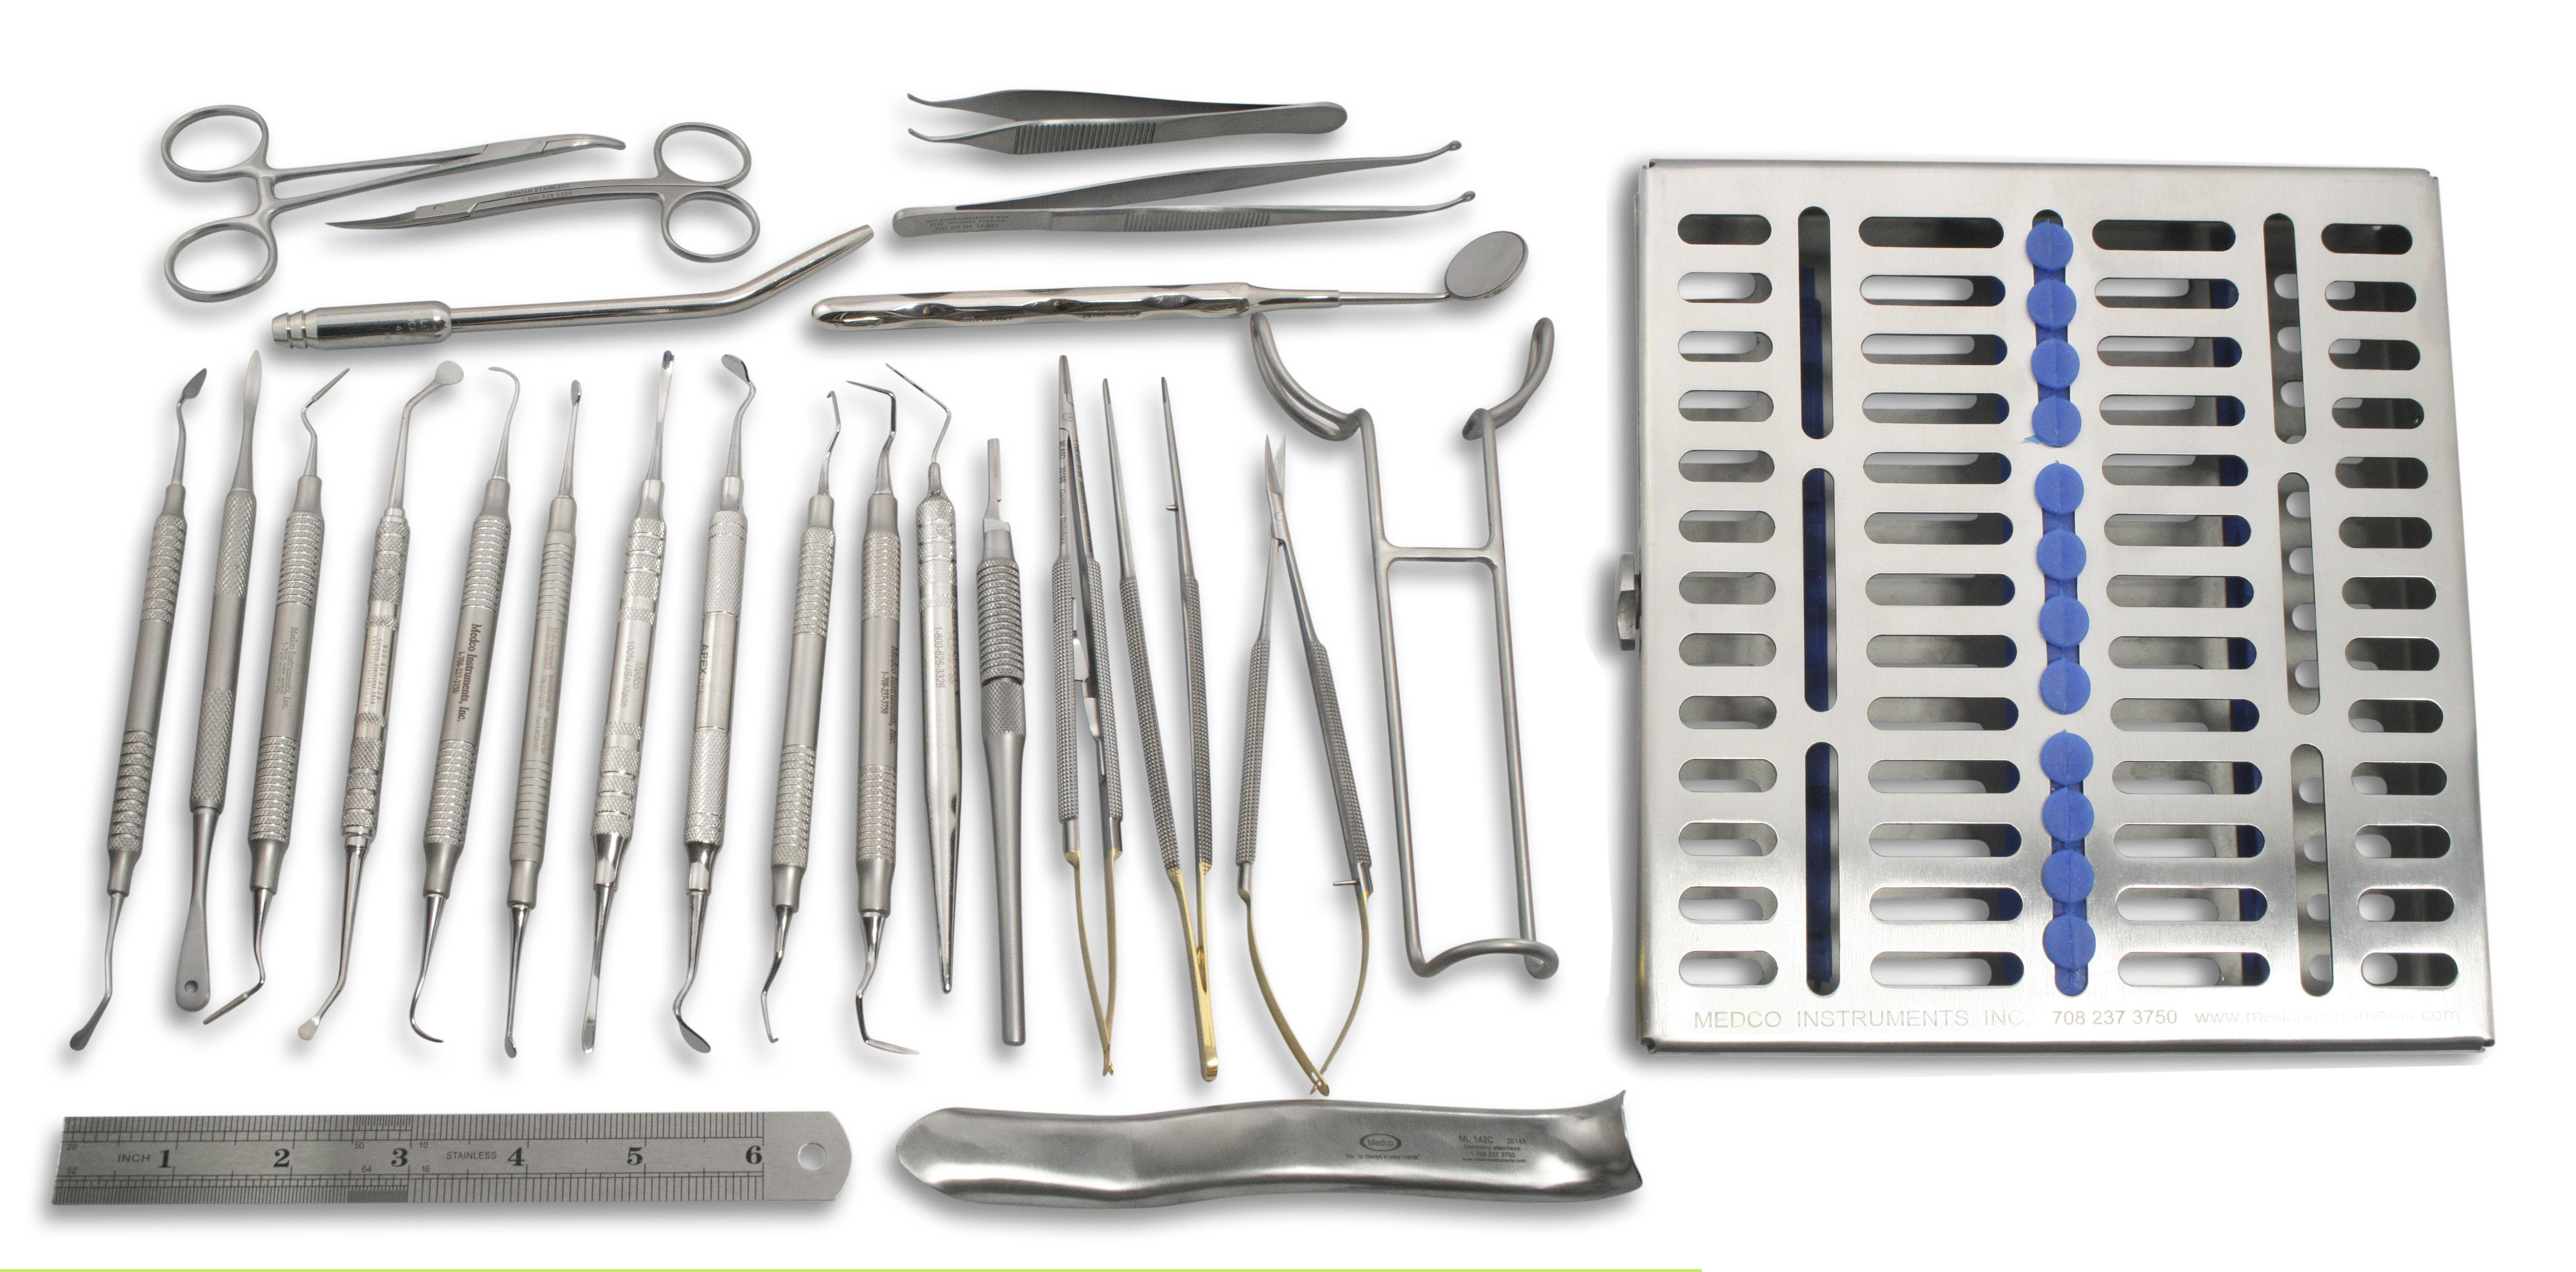 Gingival Grafting Kit, Set of 19 MLSTG19